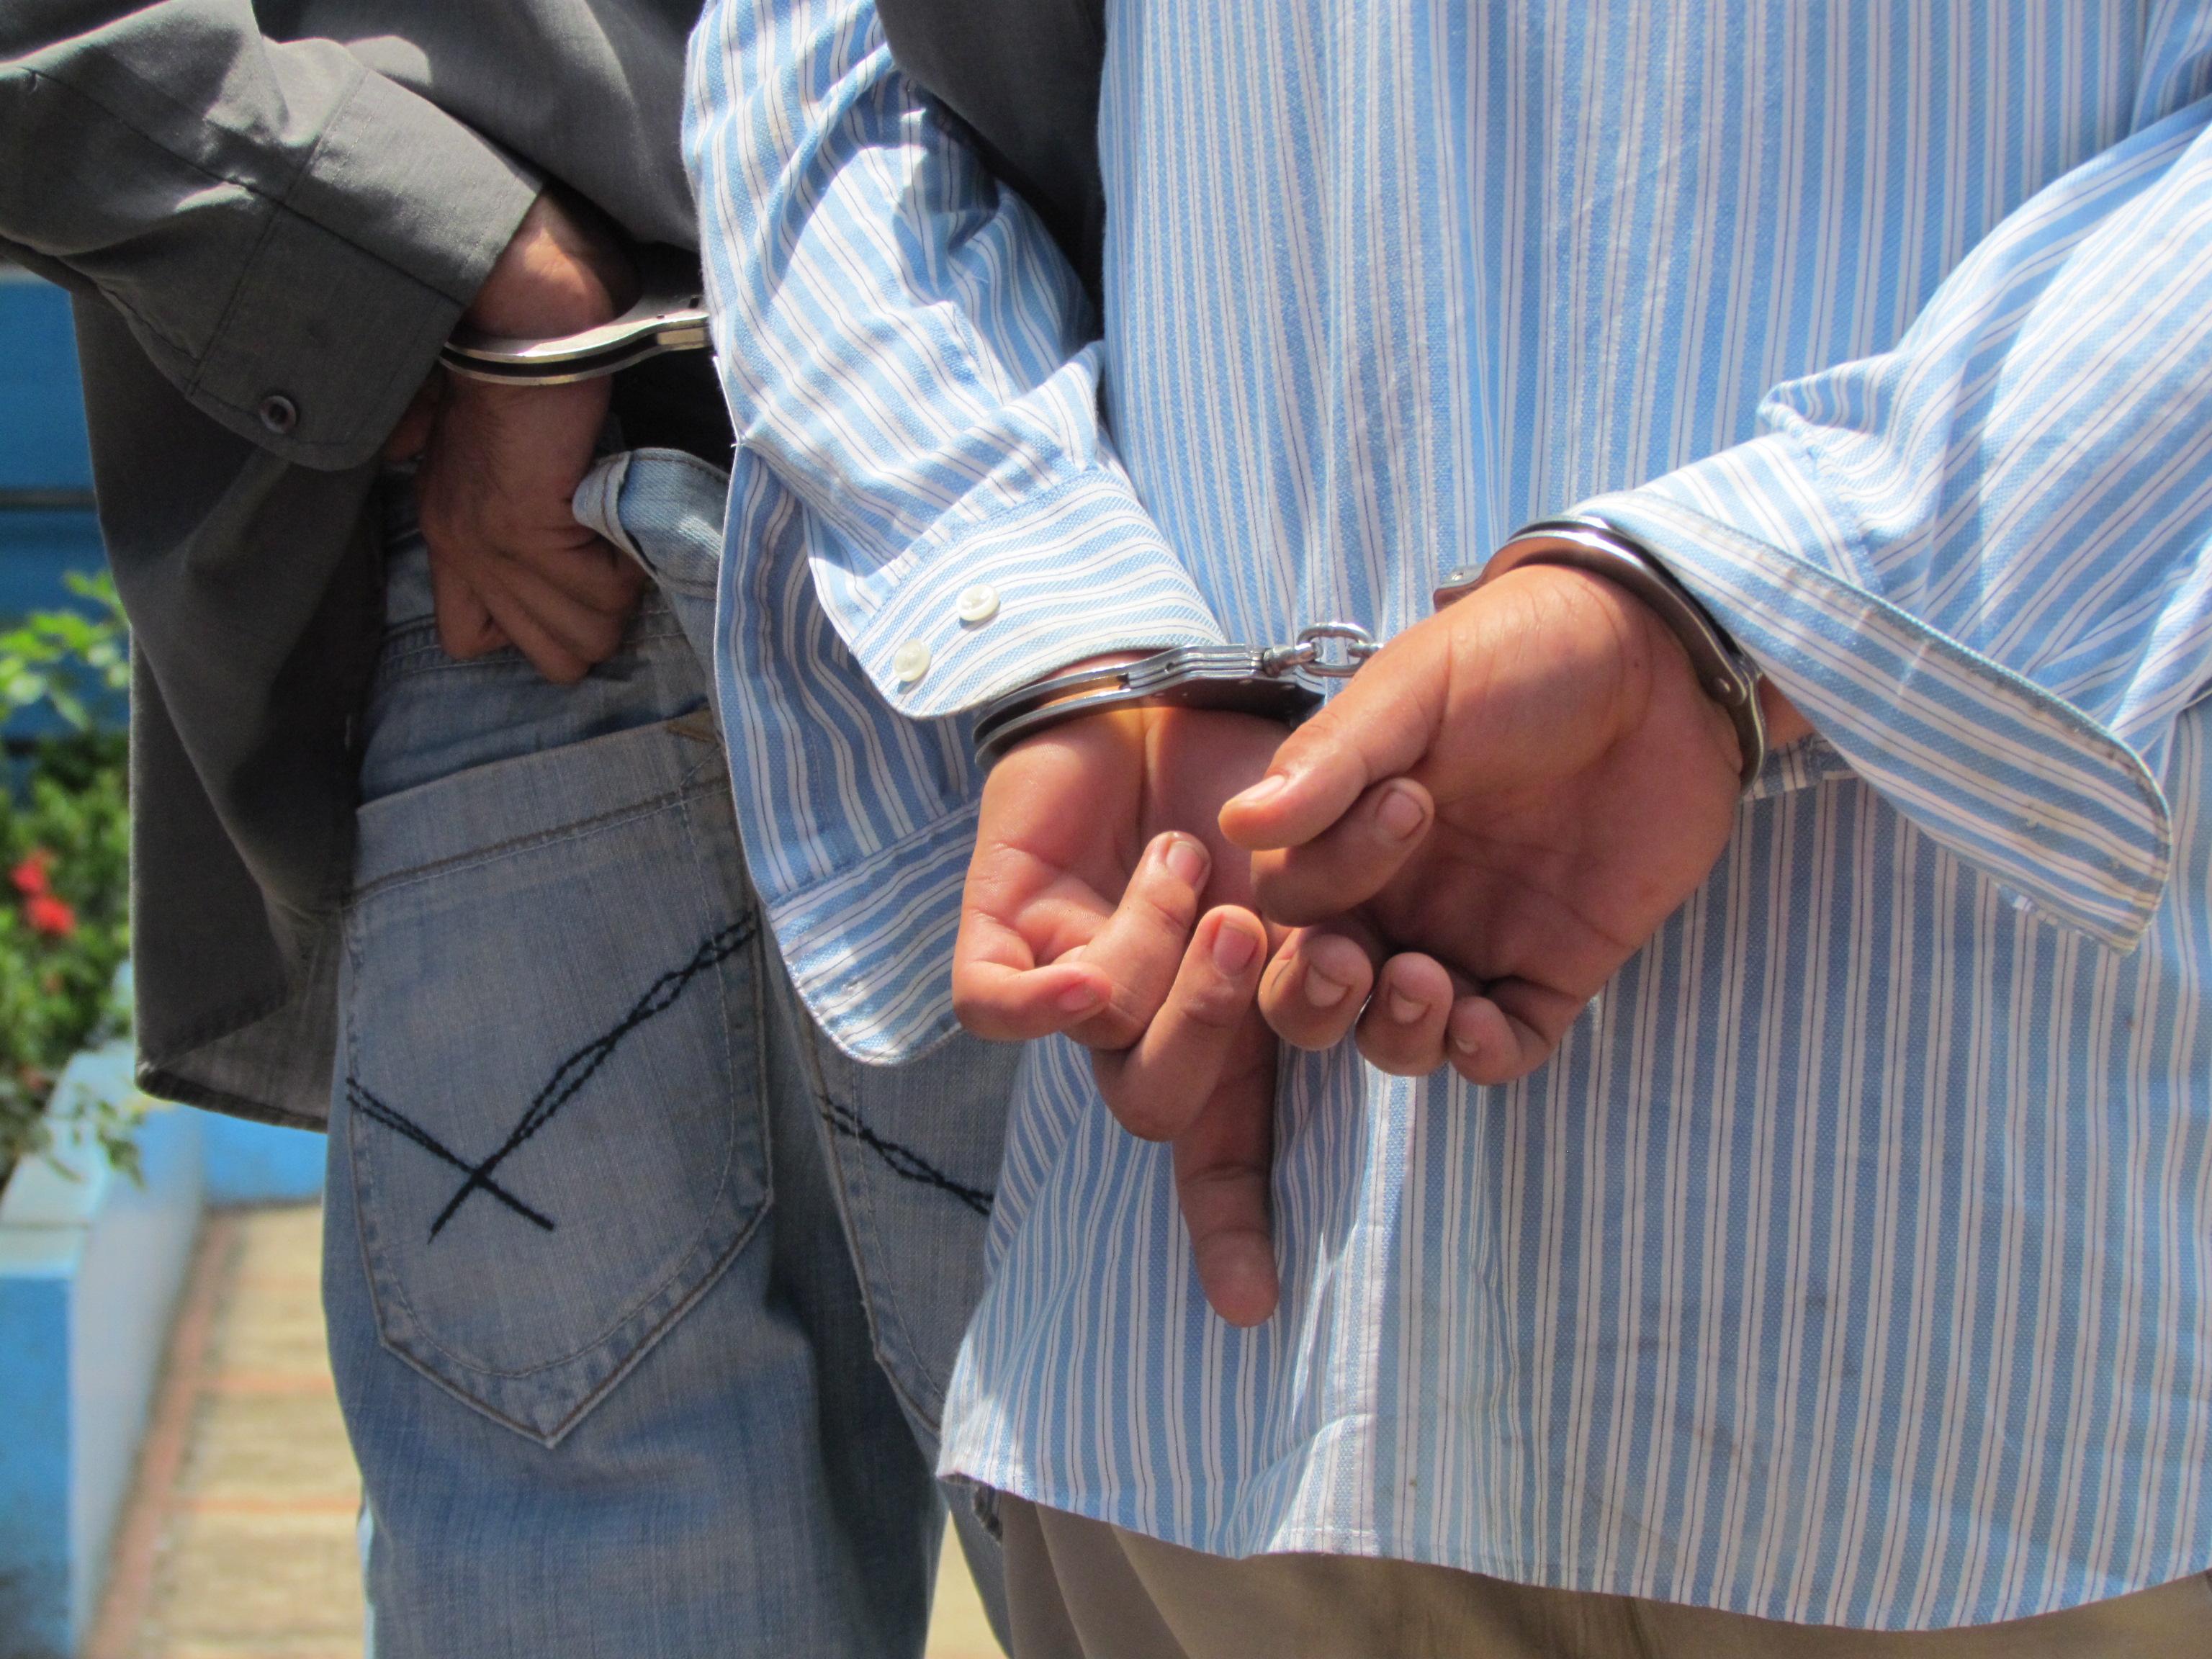 Decretan Instrucción con Detención para sujeto acusado de Lesiones, Robo y Daños en Metapán